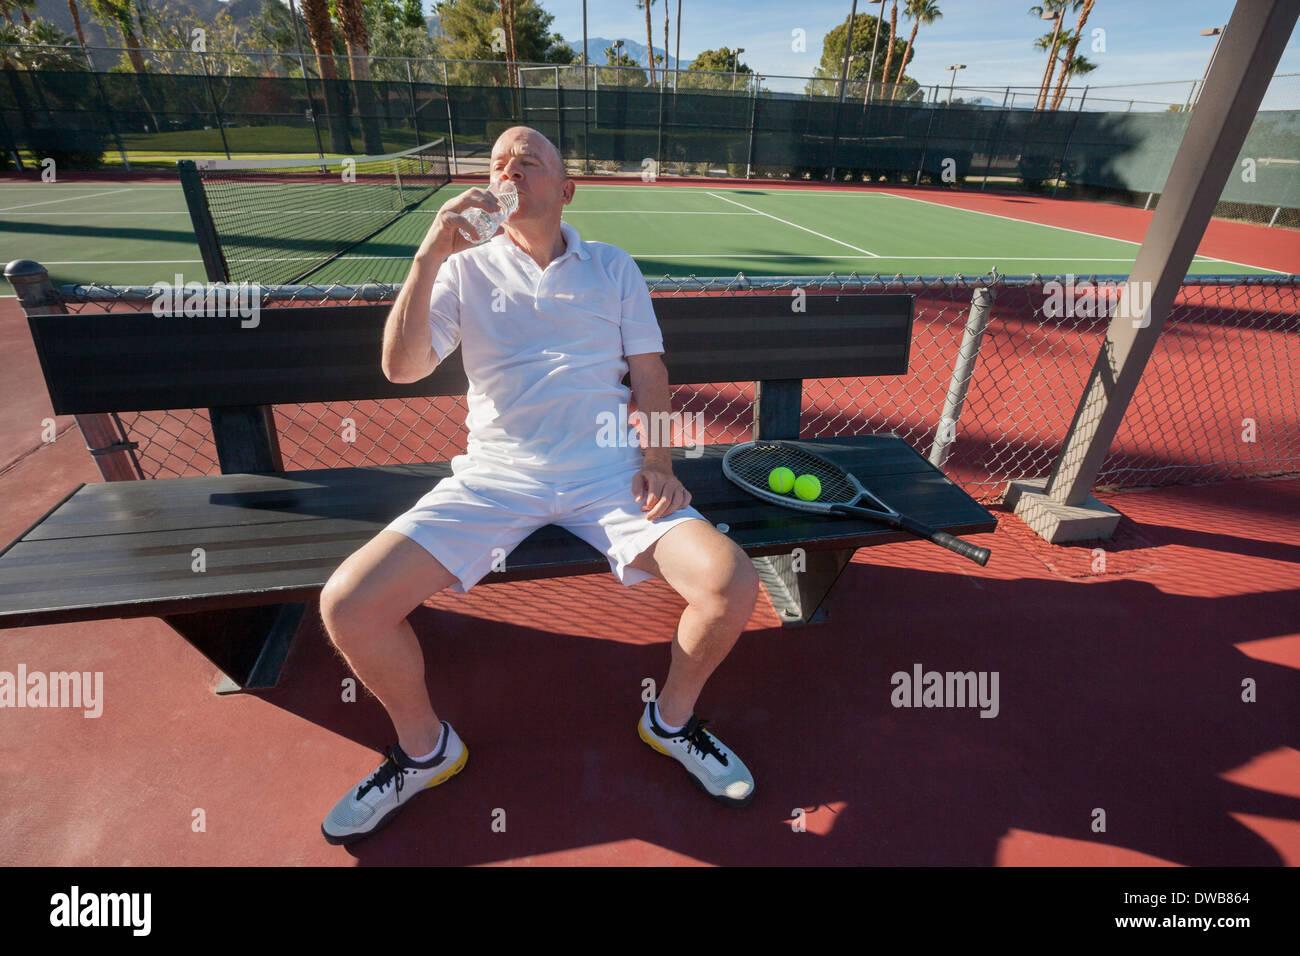 Joueur de tennis masculin senior de l'eau potable tout en vous relaxant sur cour Photo Stock